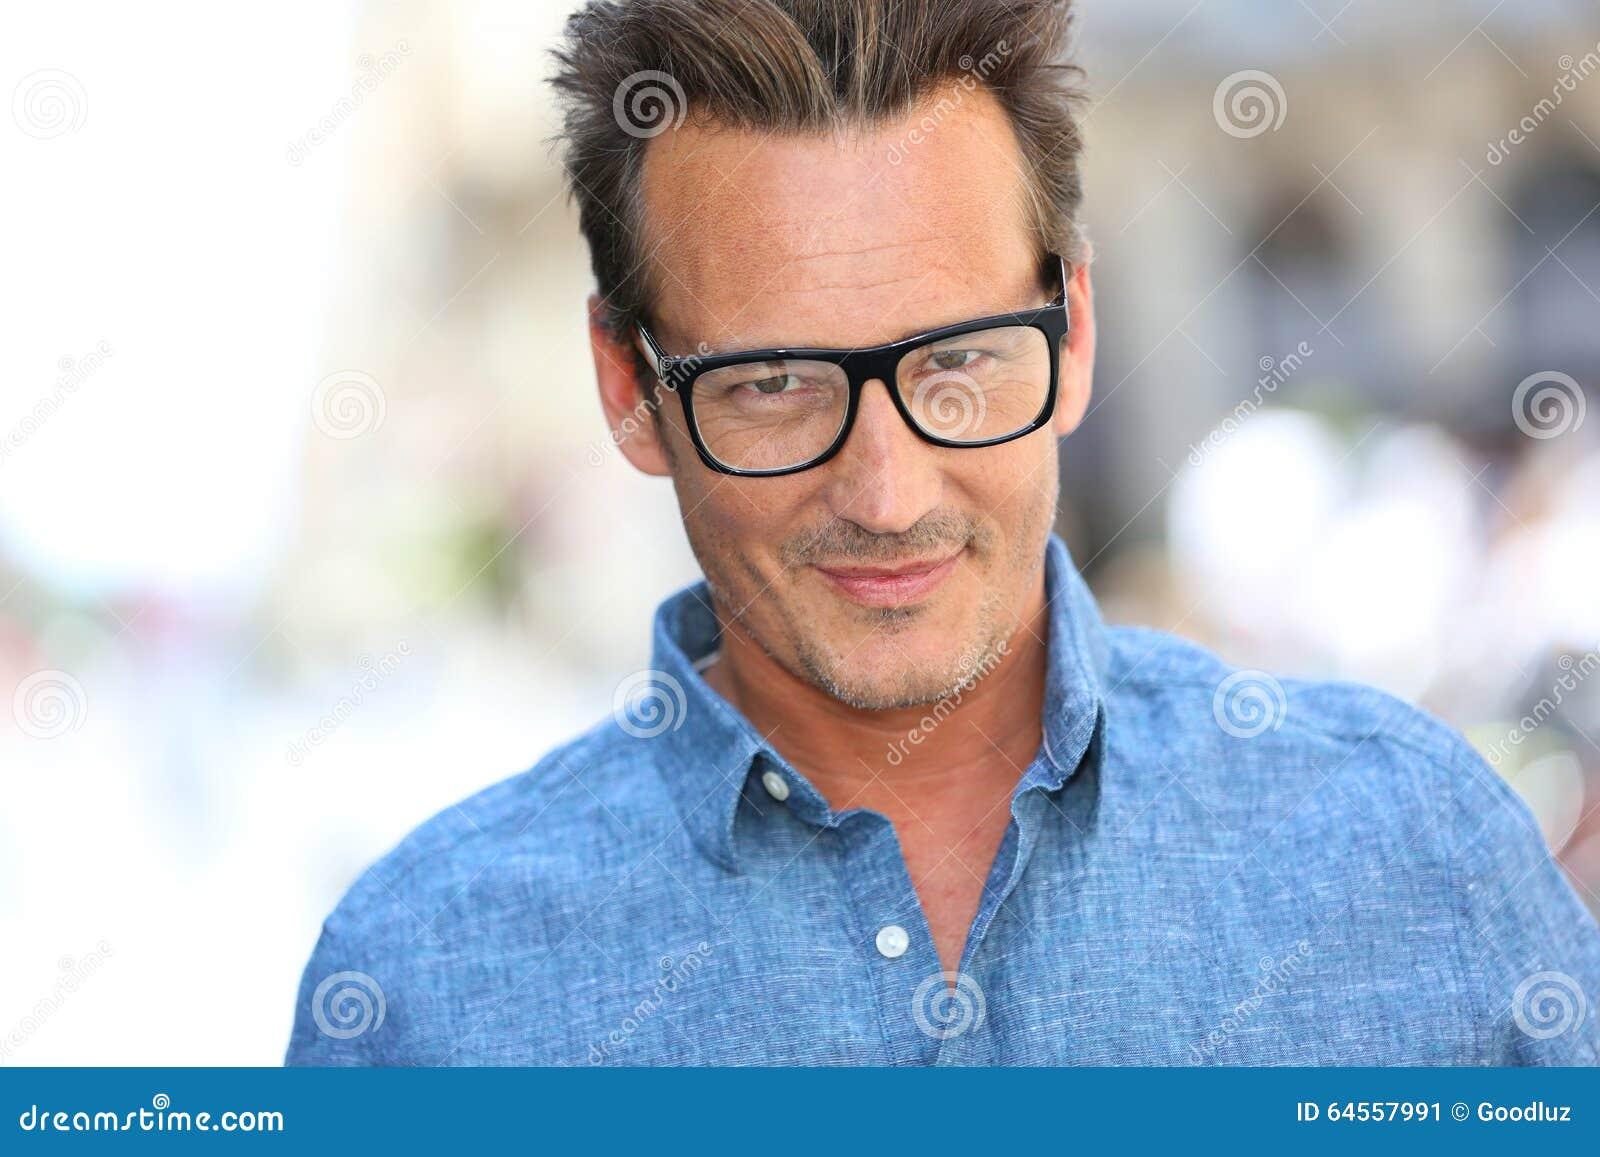 Gut aussehender Mann, der stilvolle Brillen trägt